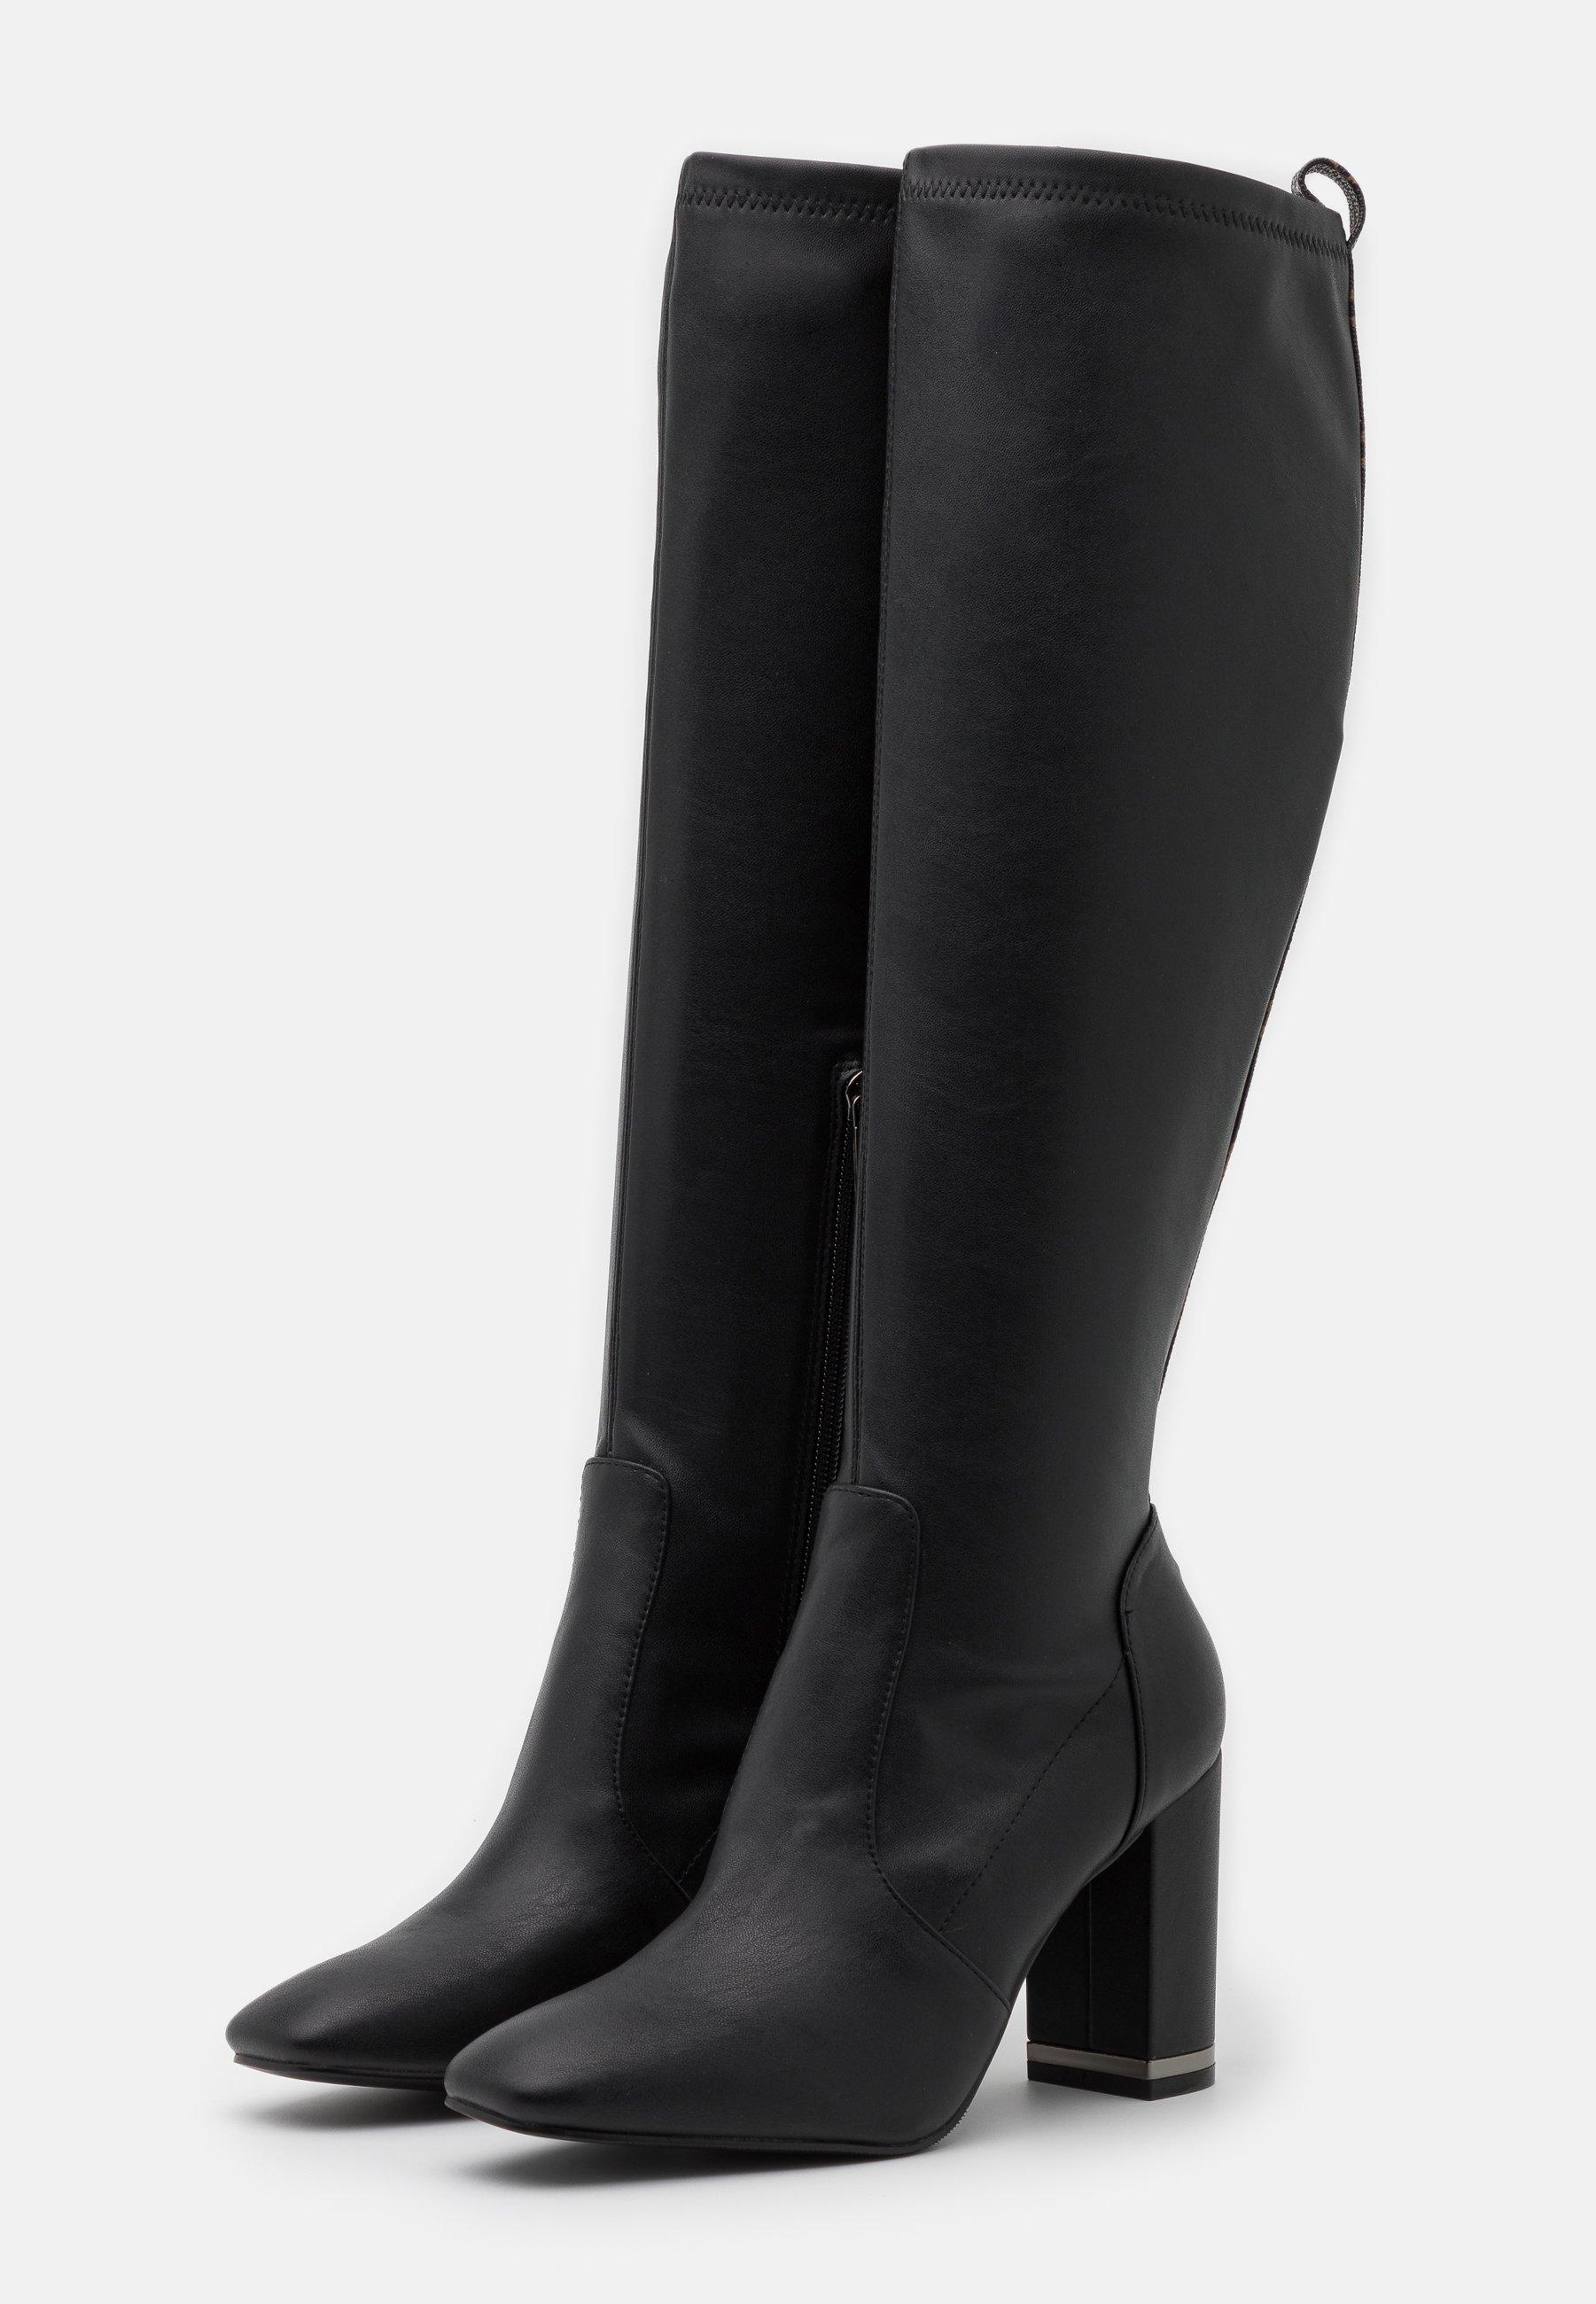 Guess DARLENE High Heel Stiefel black/schwarz